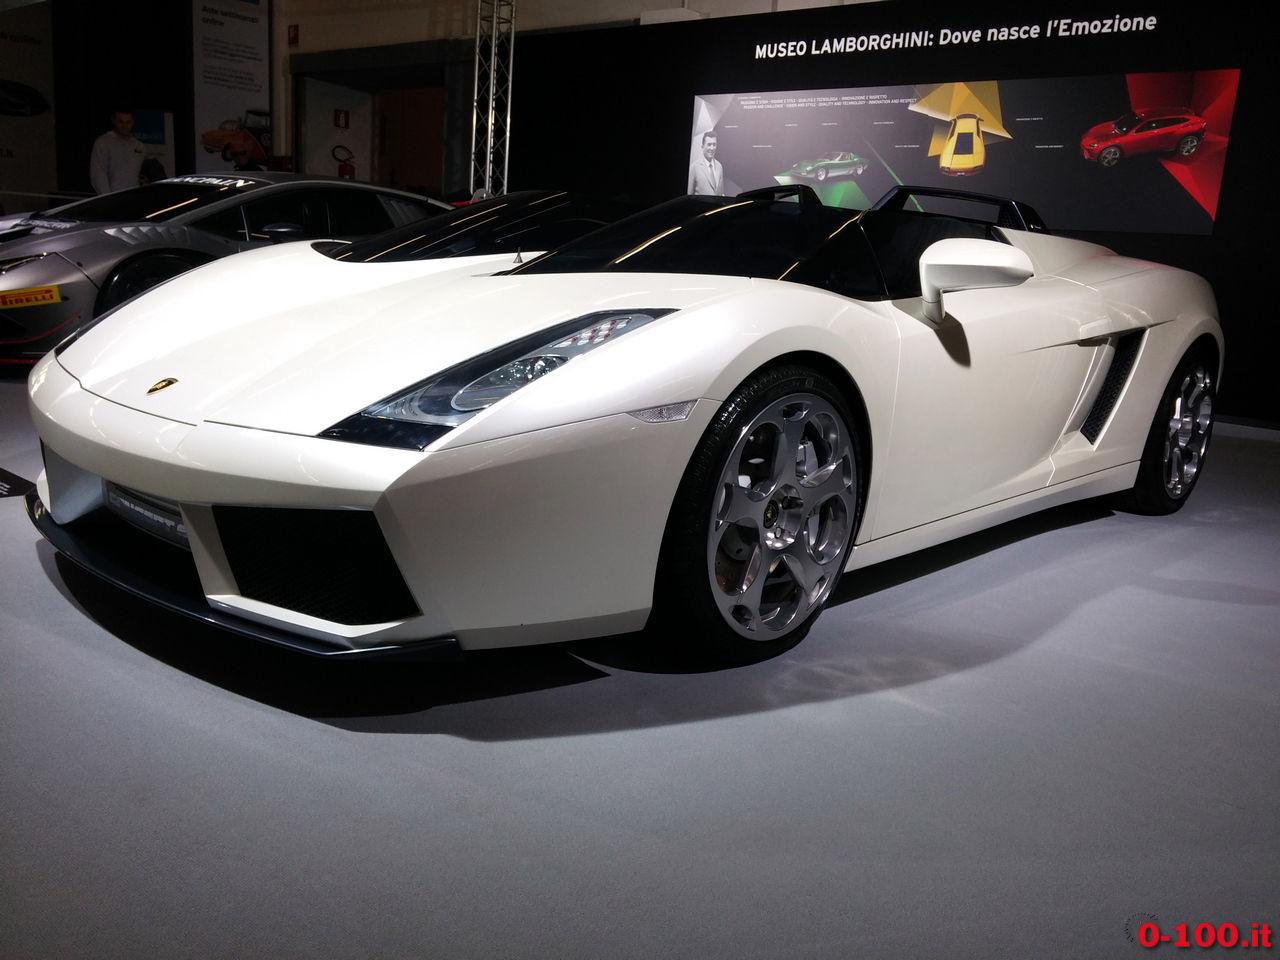 automotodepoca-2016-lamborghini-car-market-mercato-auto-prezzo-price_0-10067